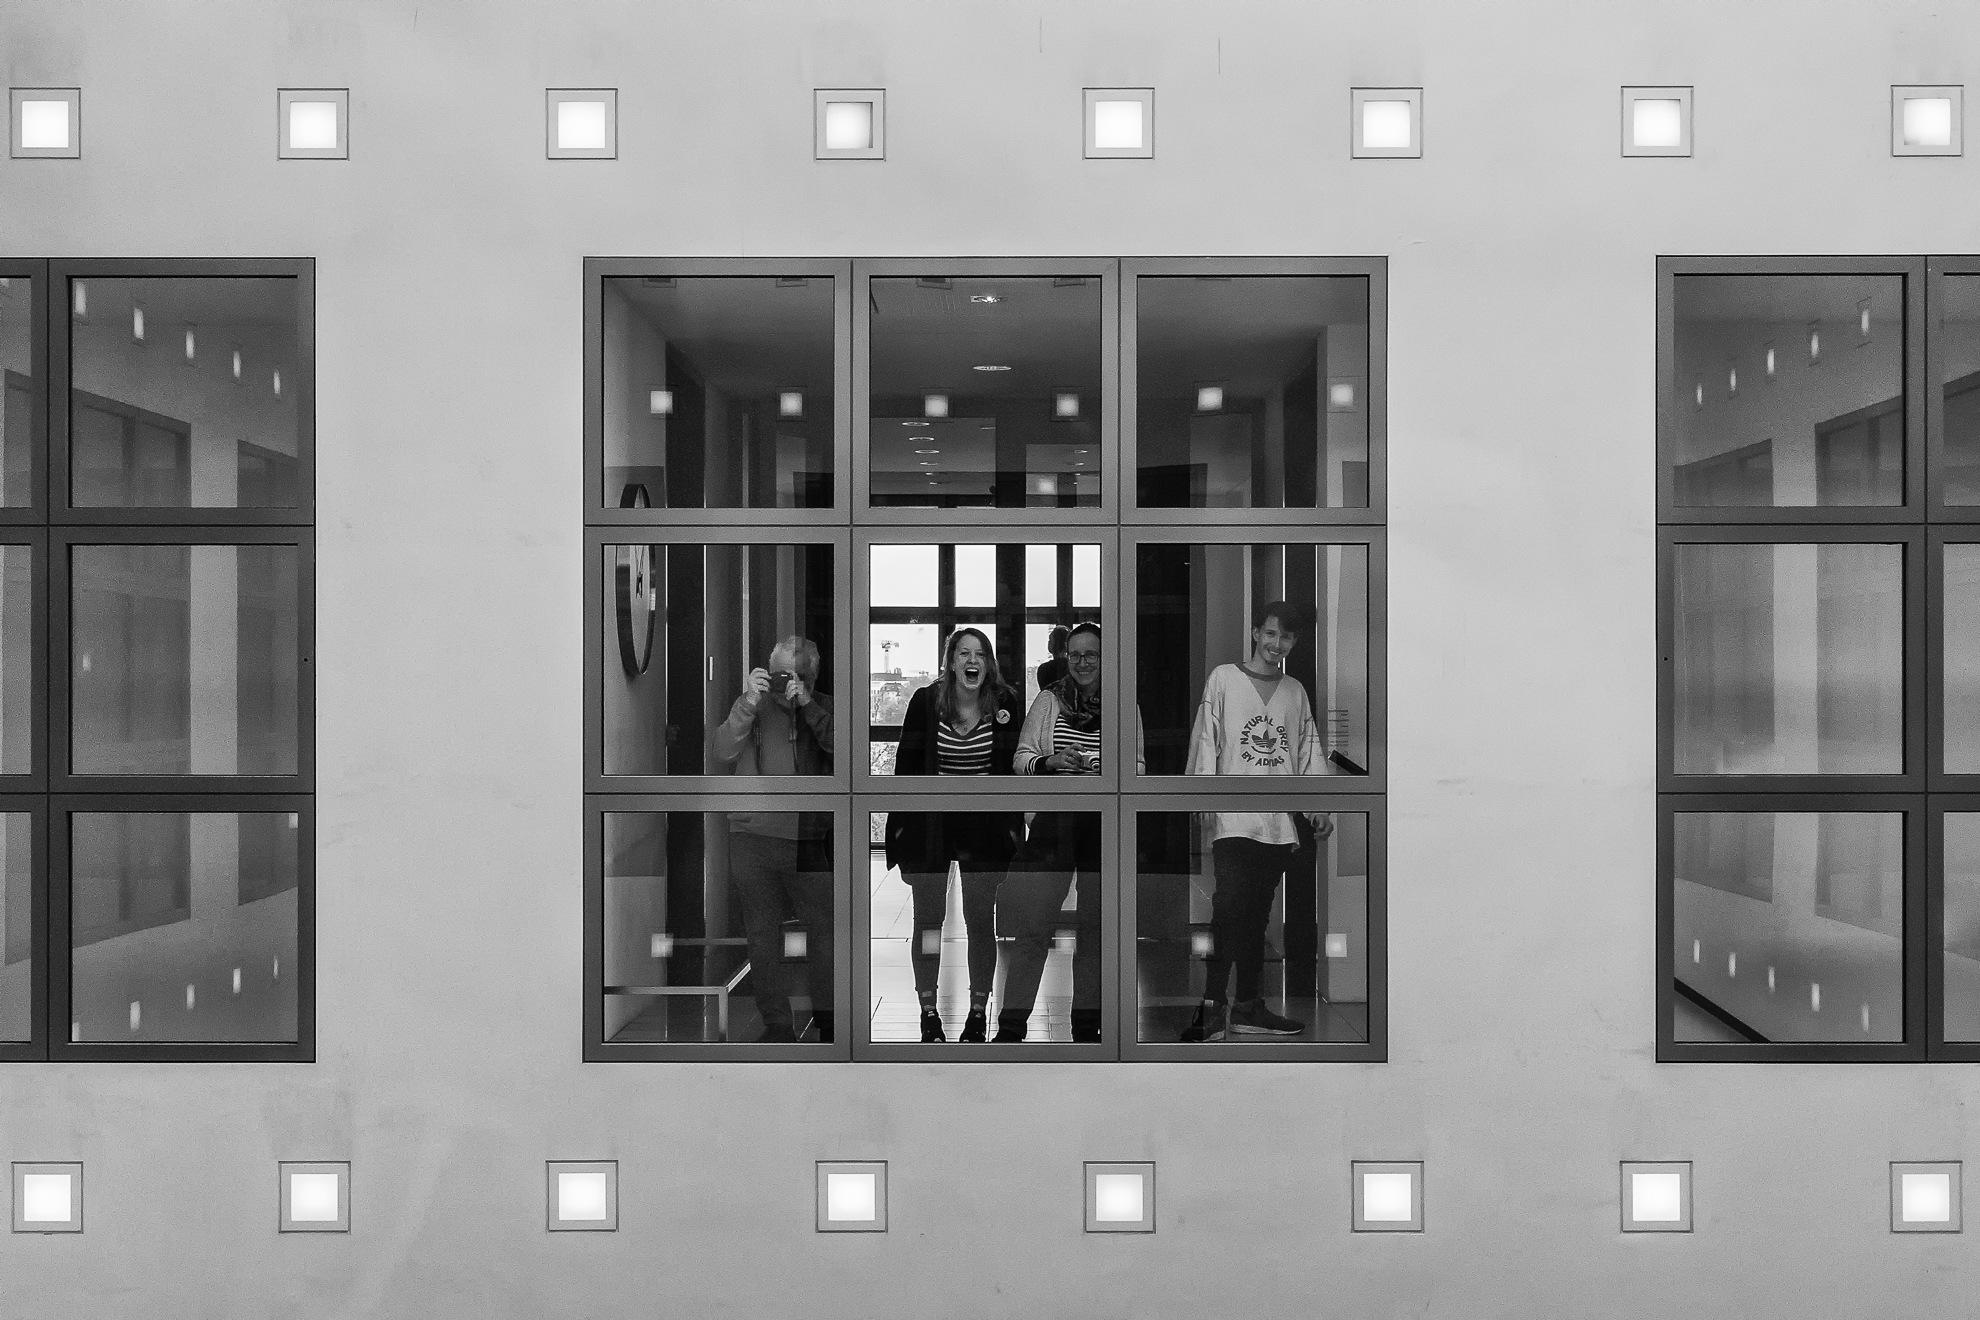 Film roll by Werner Schwehm